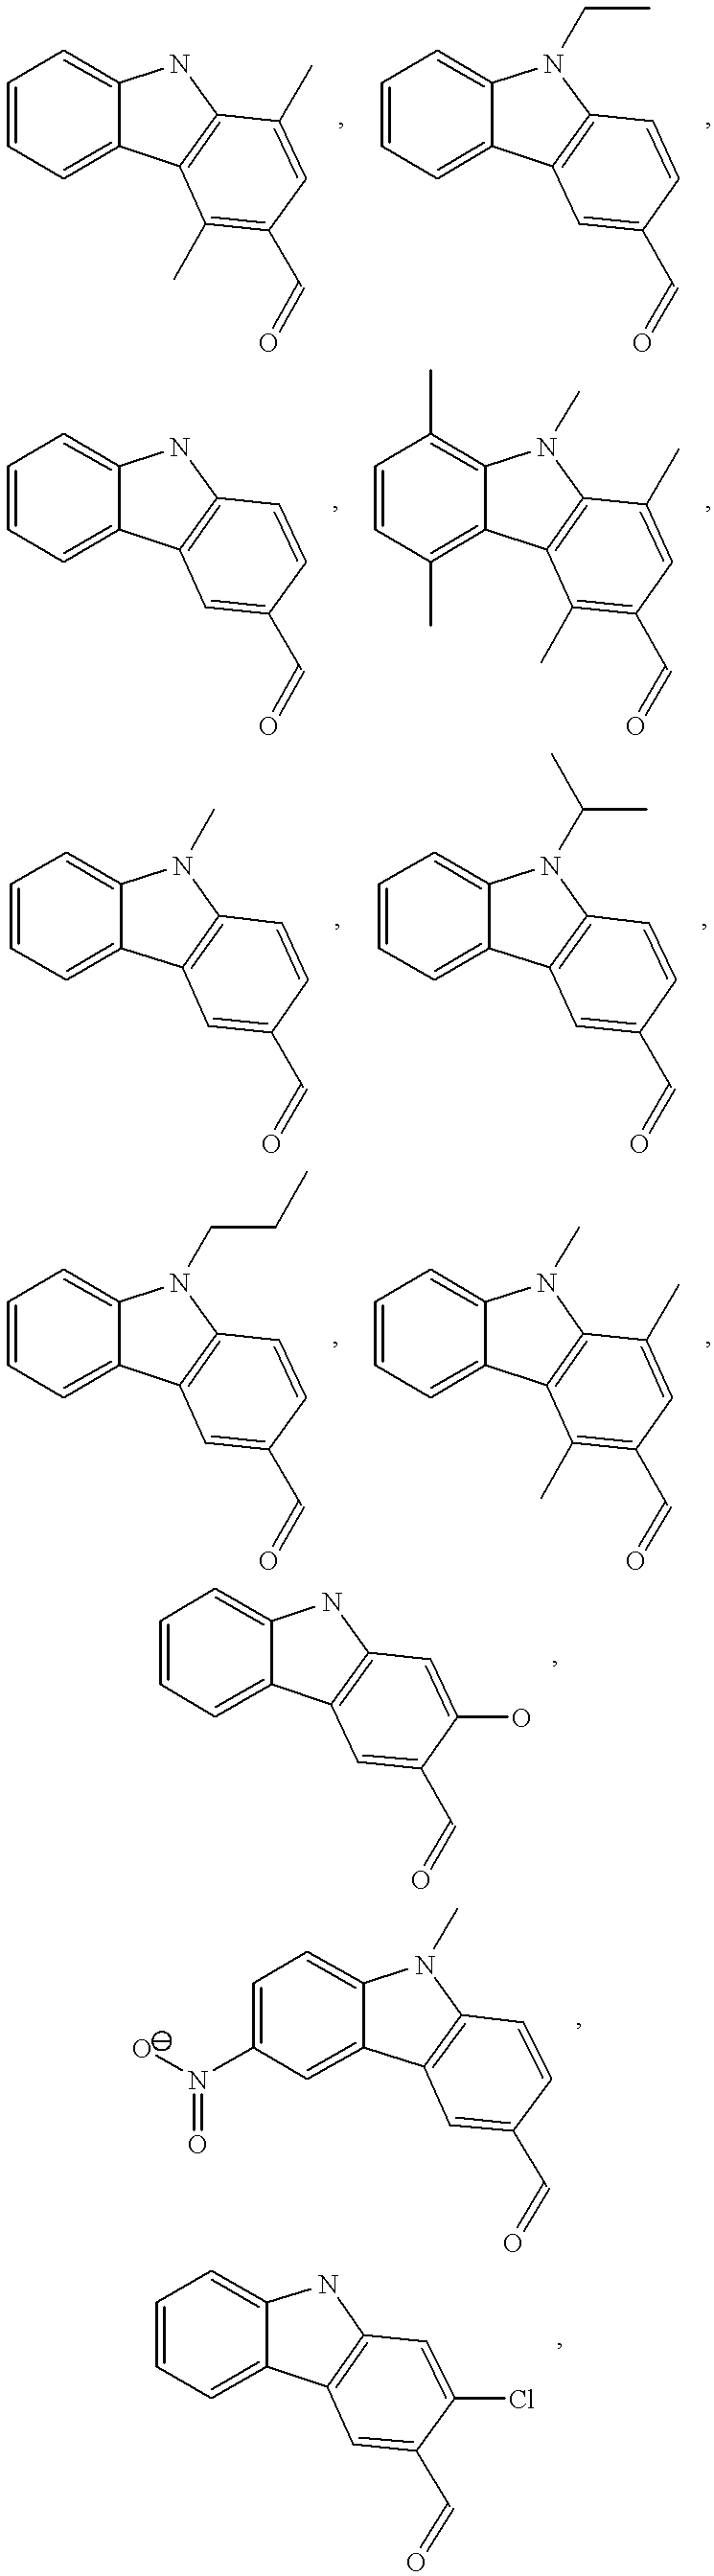 Figure US06514981-20030204-C00059